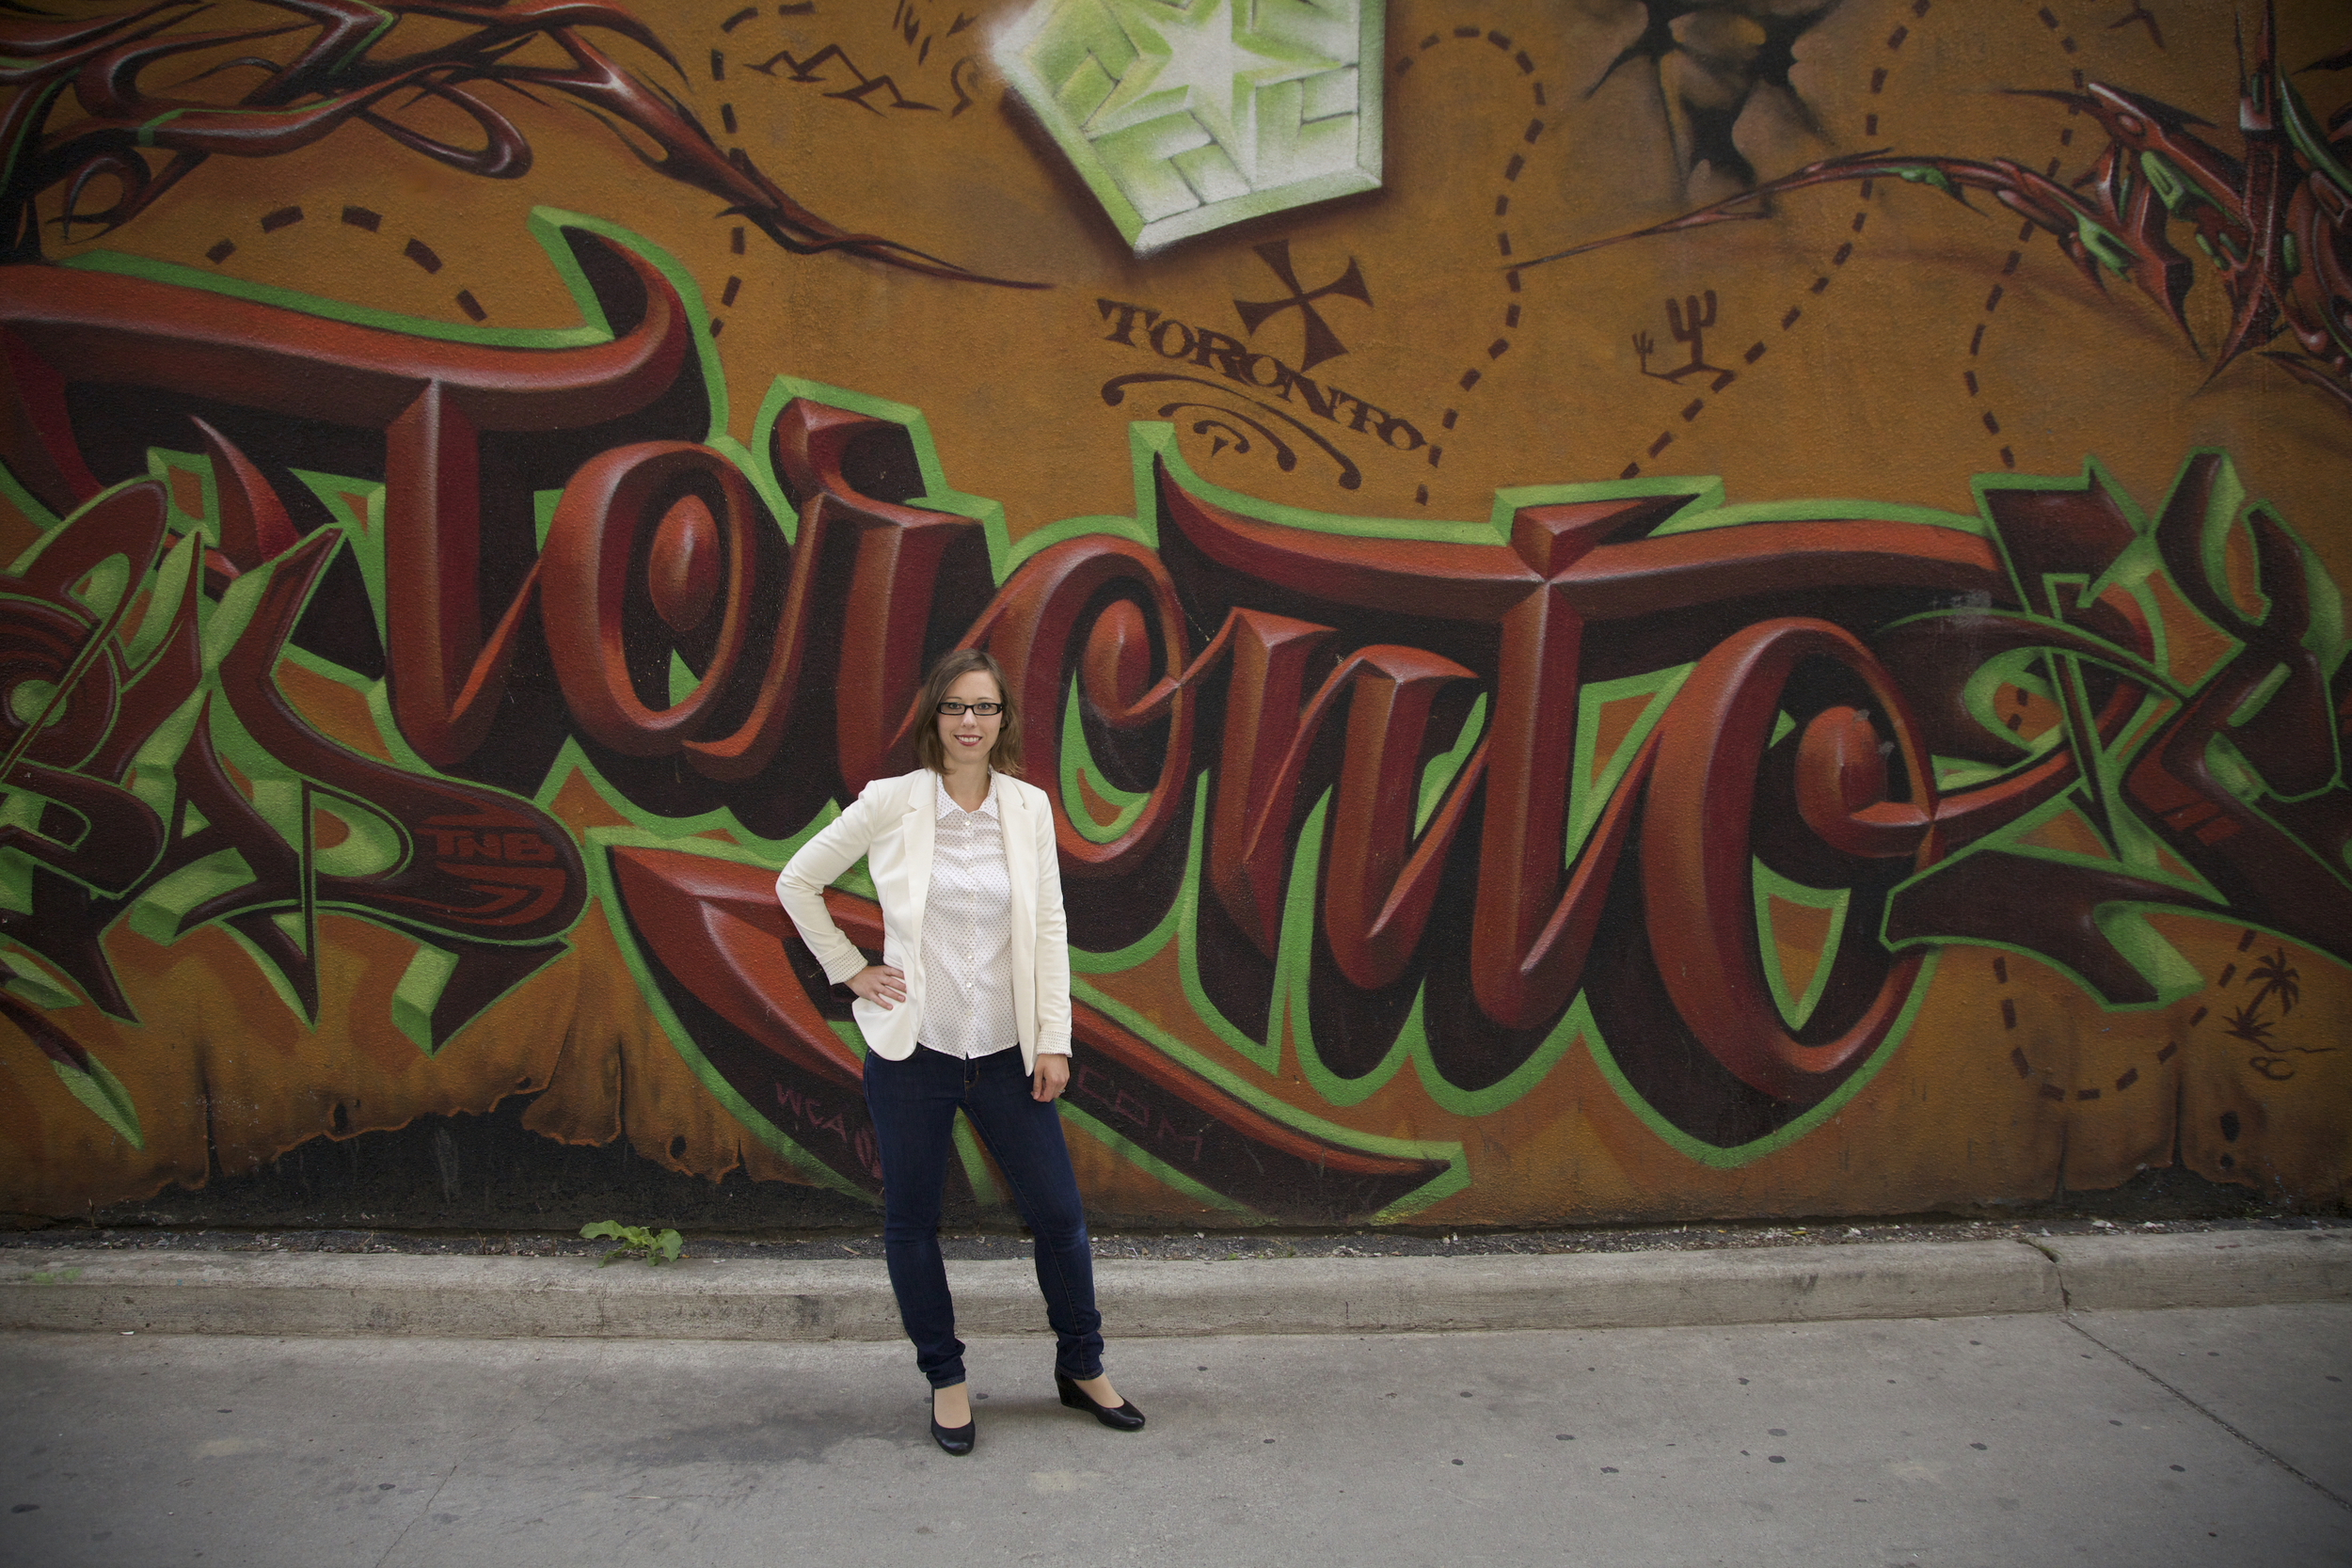 Liz Wenger in Toronto, Canada